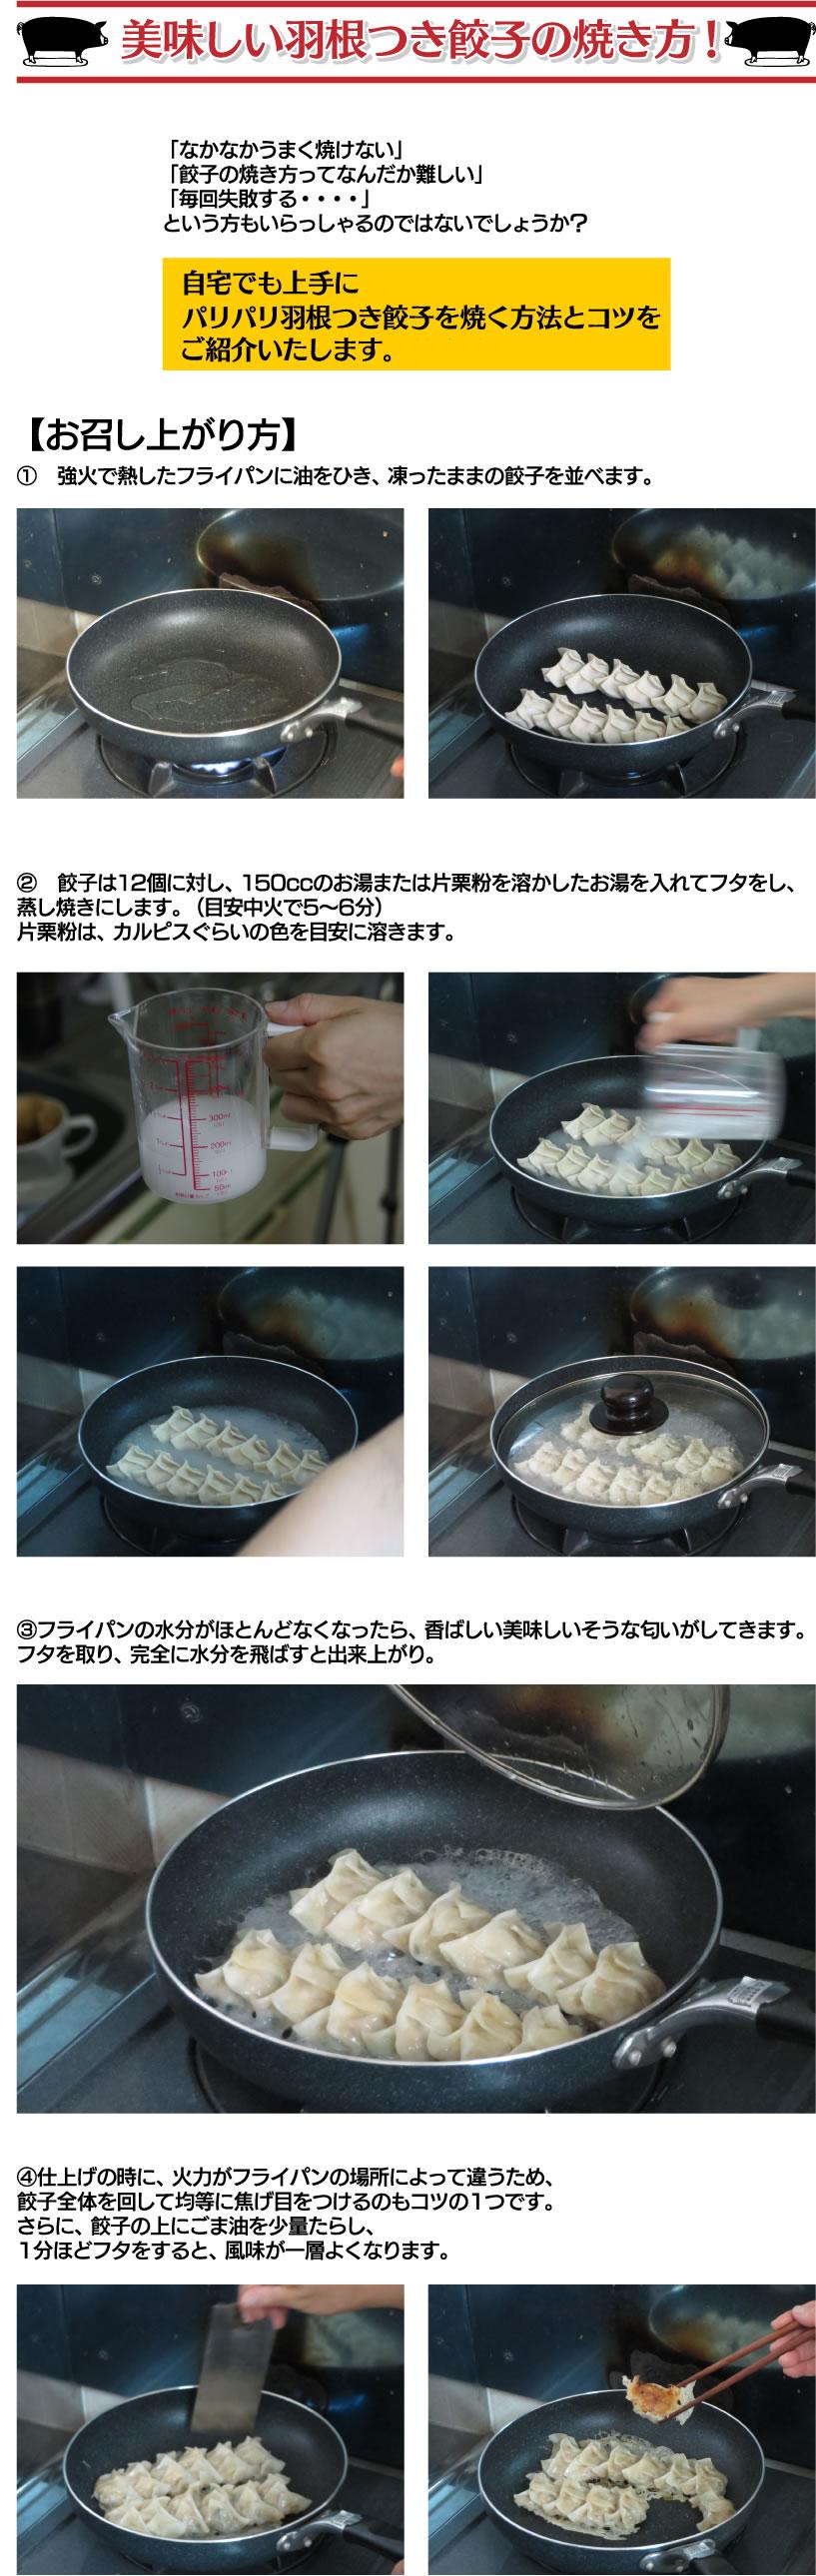 黒豚餃子の焼き方!①強火で熱したフライパンに油を引き、凍ったまま餃子を並べます。